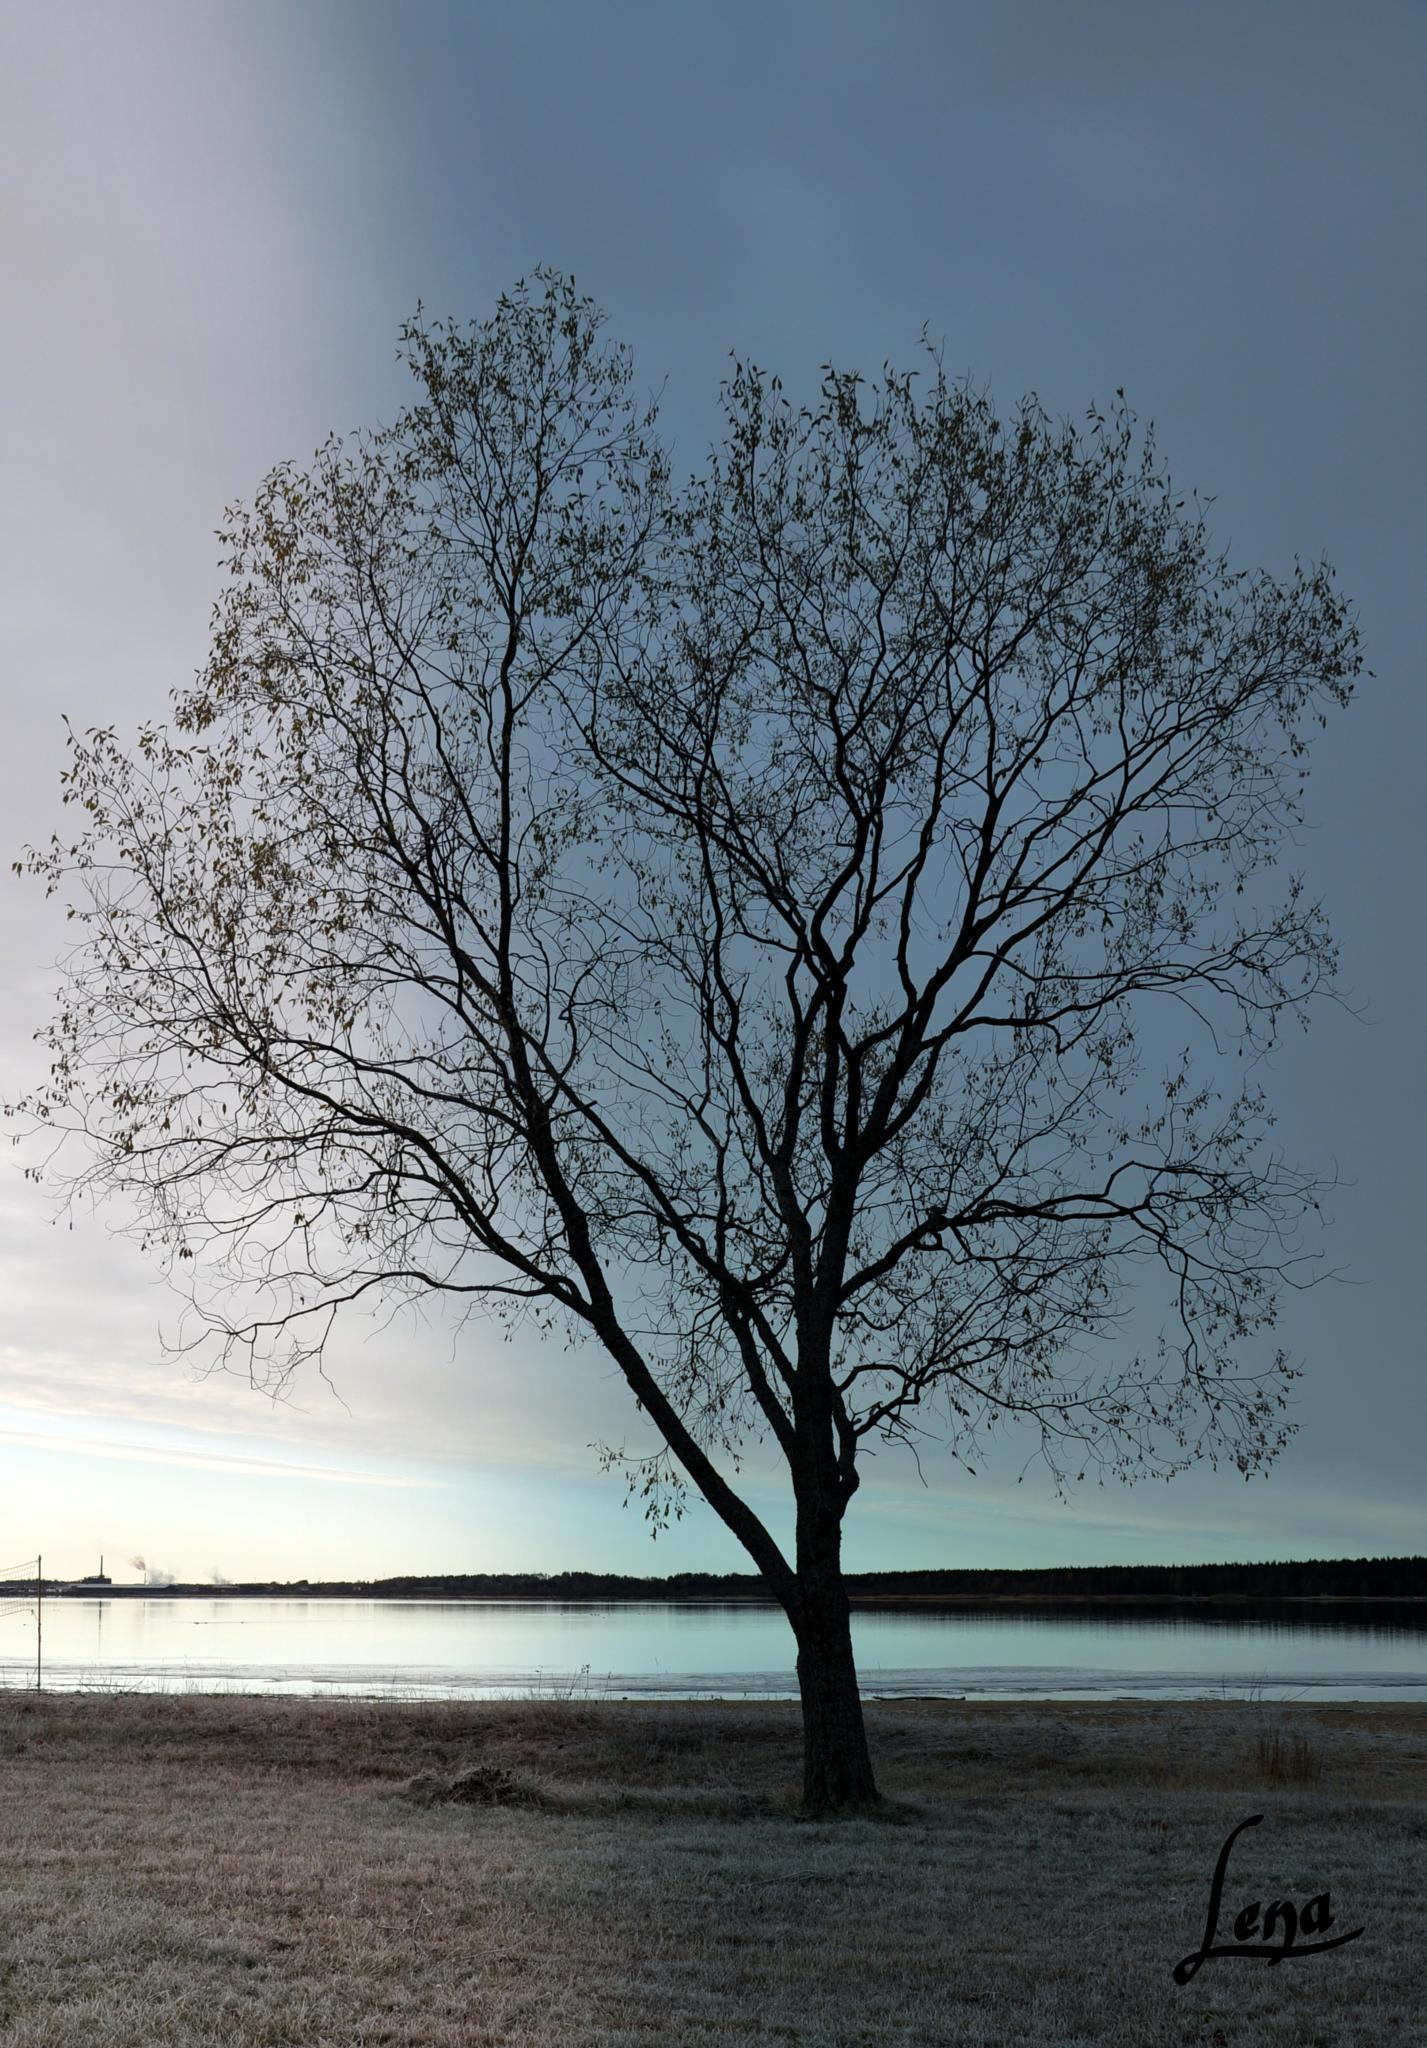 rövika träd by Lena